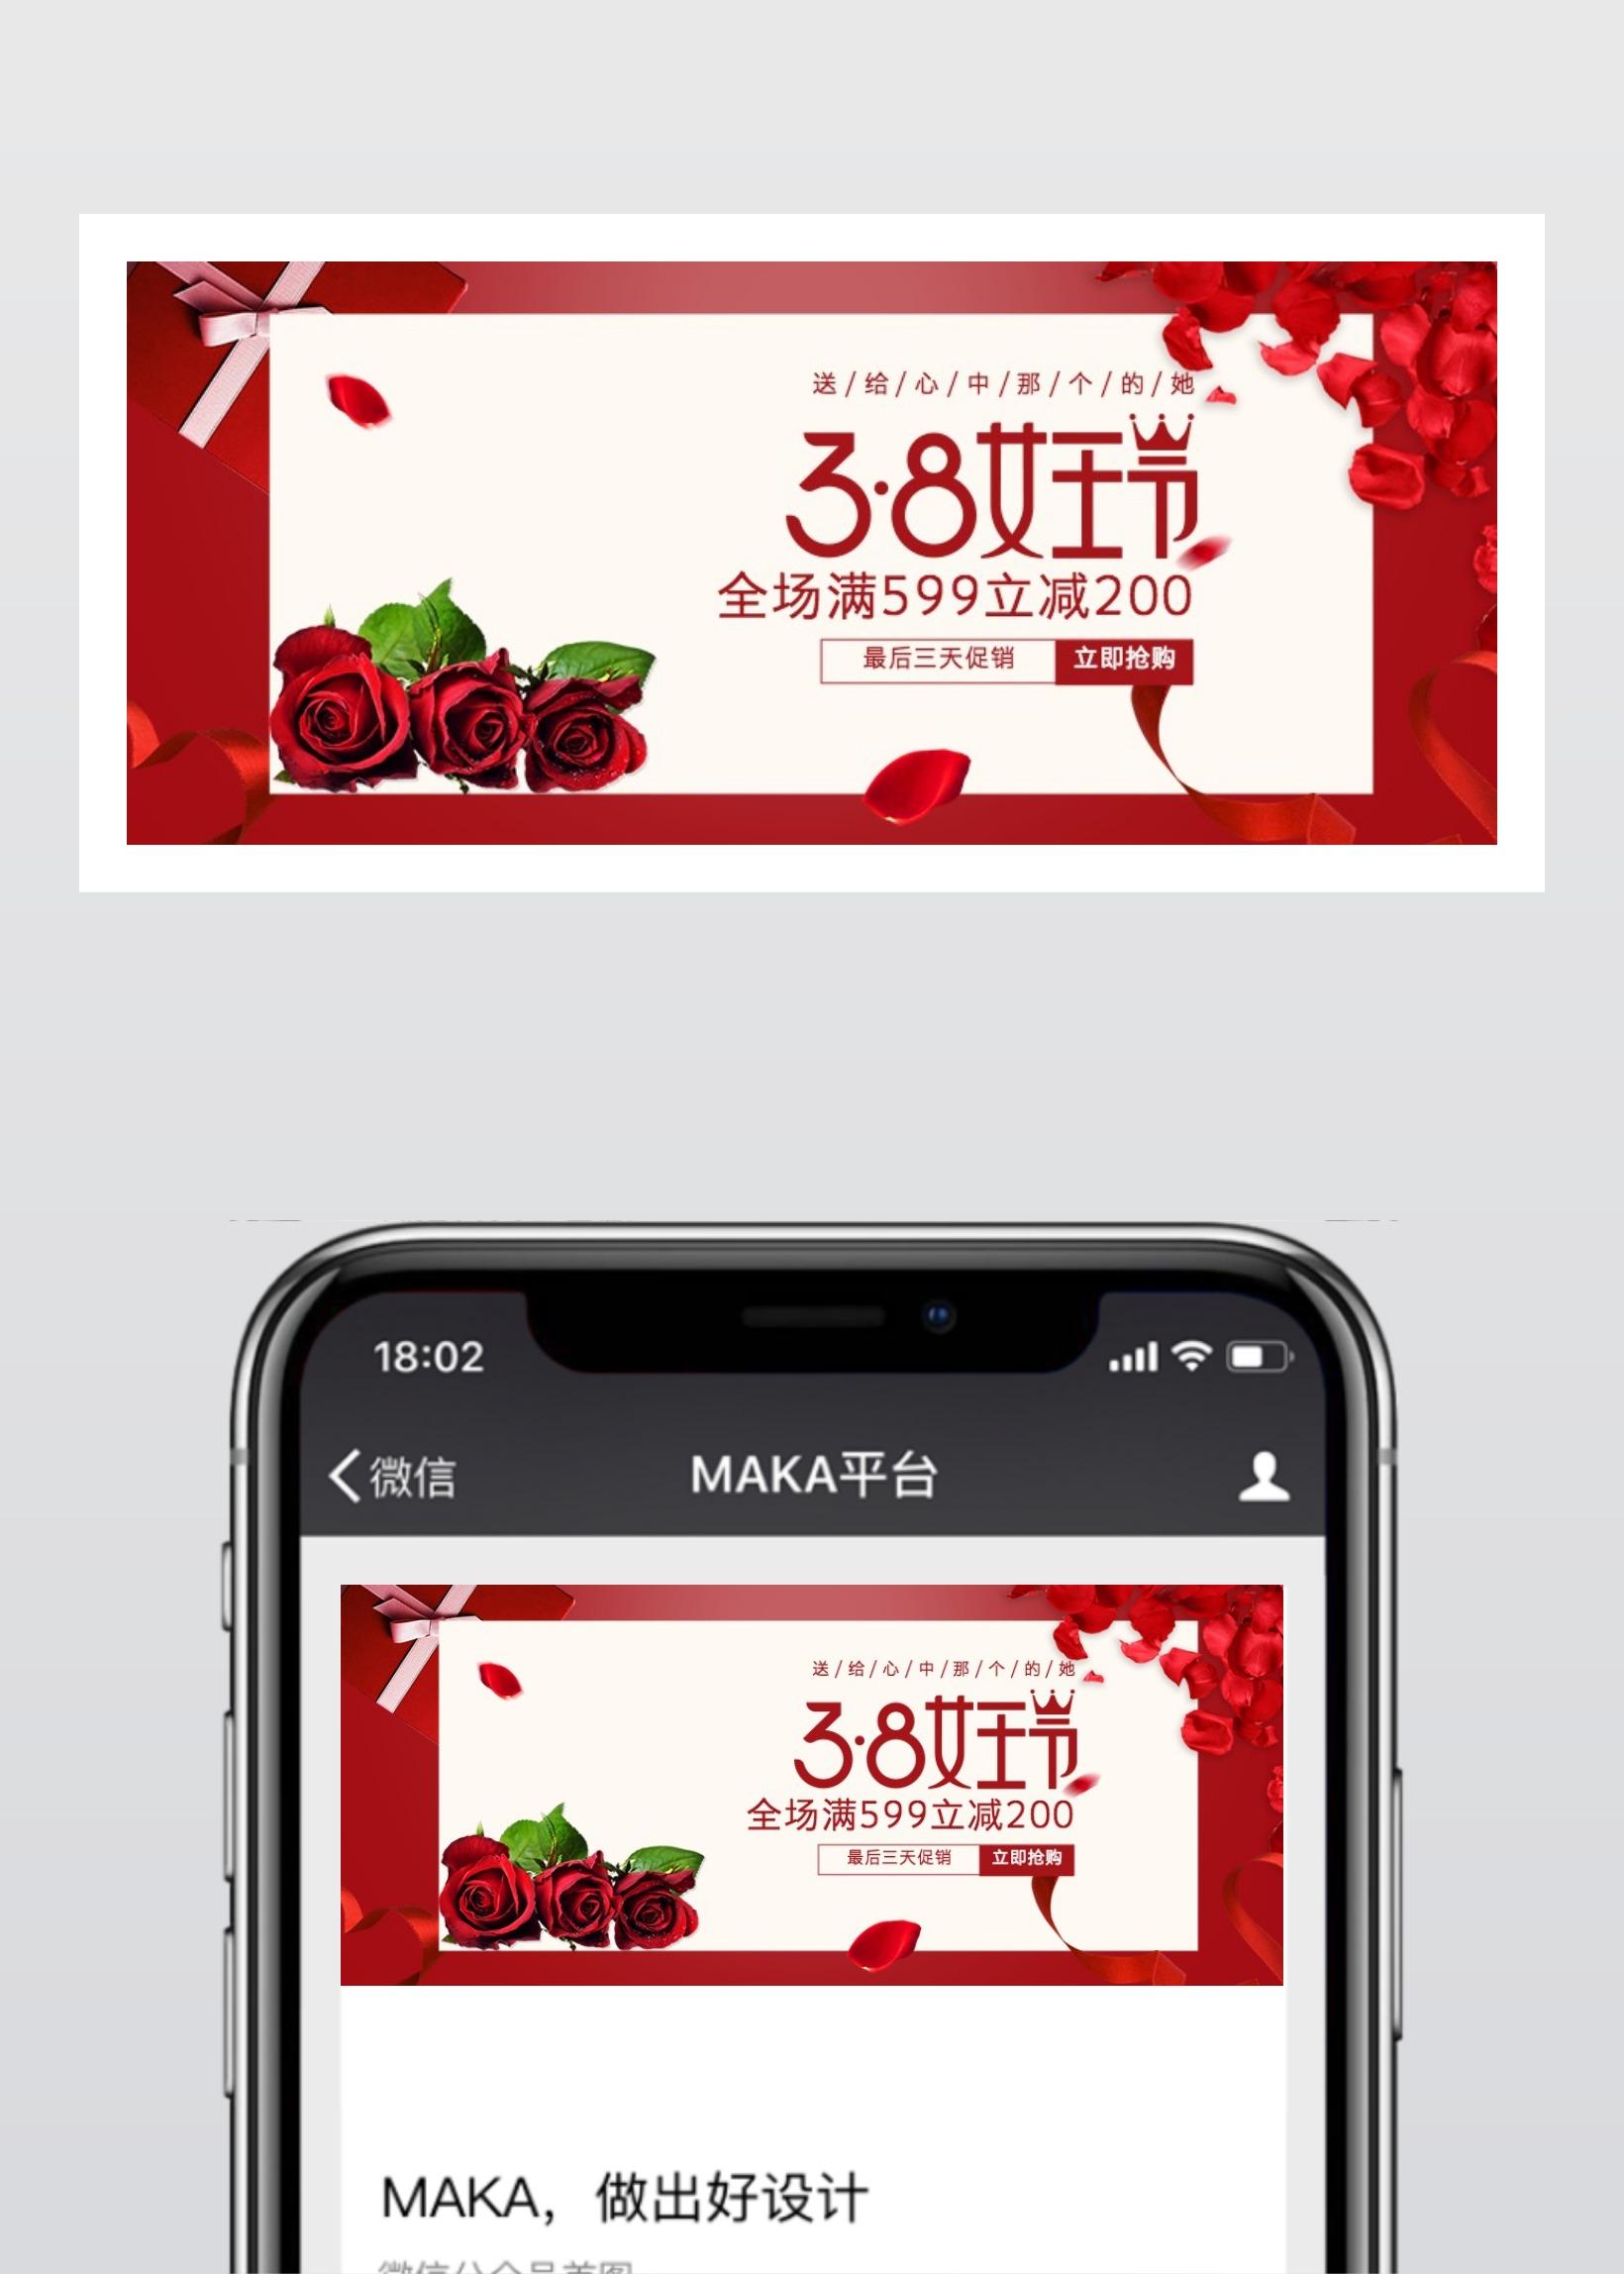 红色欧美大气美妆38女王节优惠促销综合电商新版公众号封面图